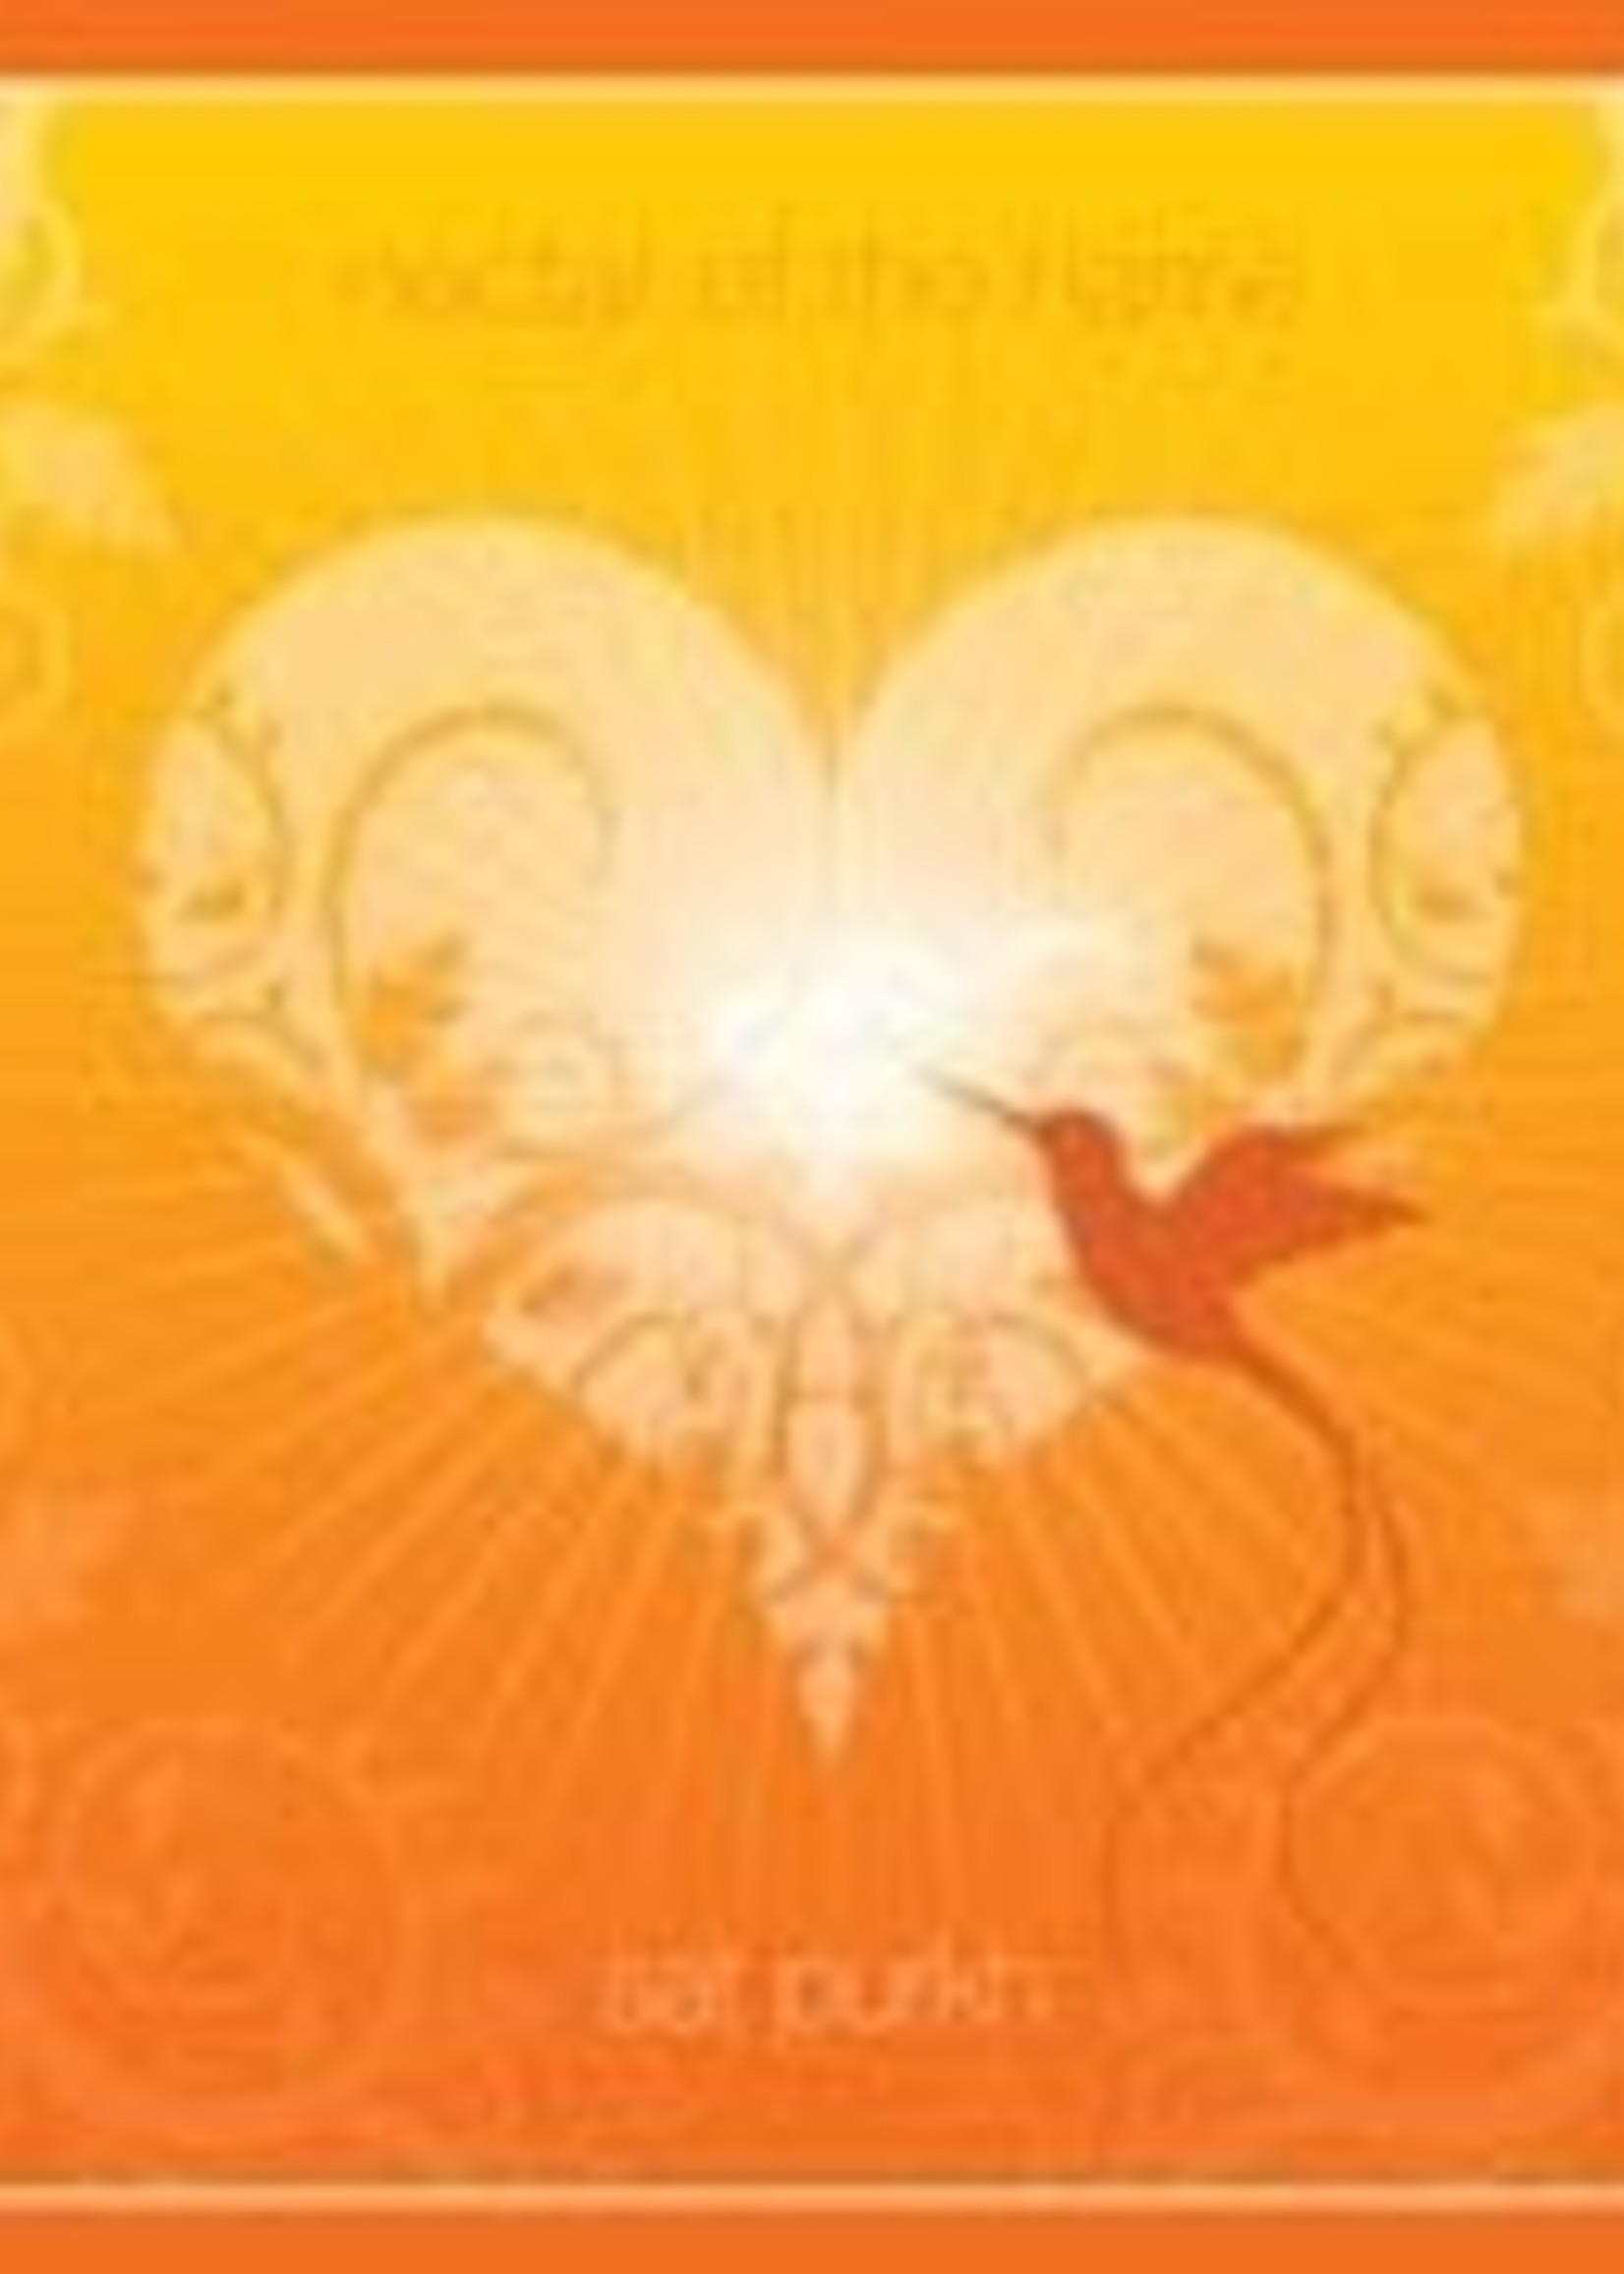 Sat Purkh Kaur Khalsa Nectar of the Name